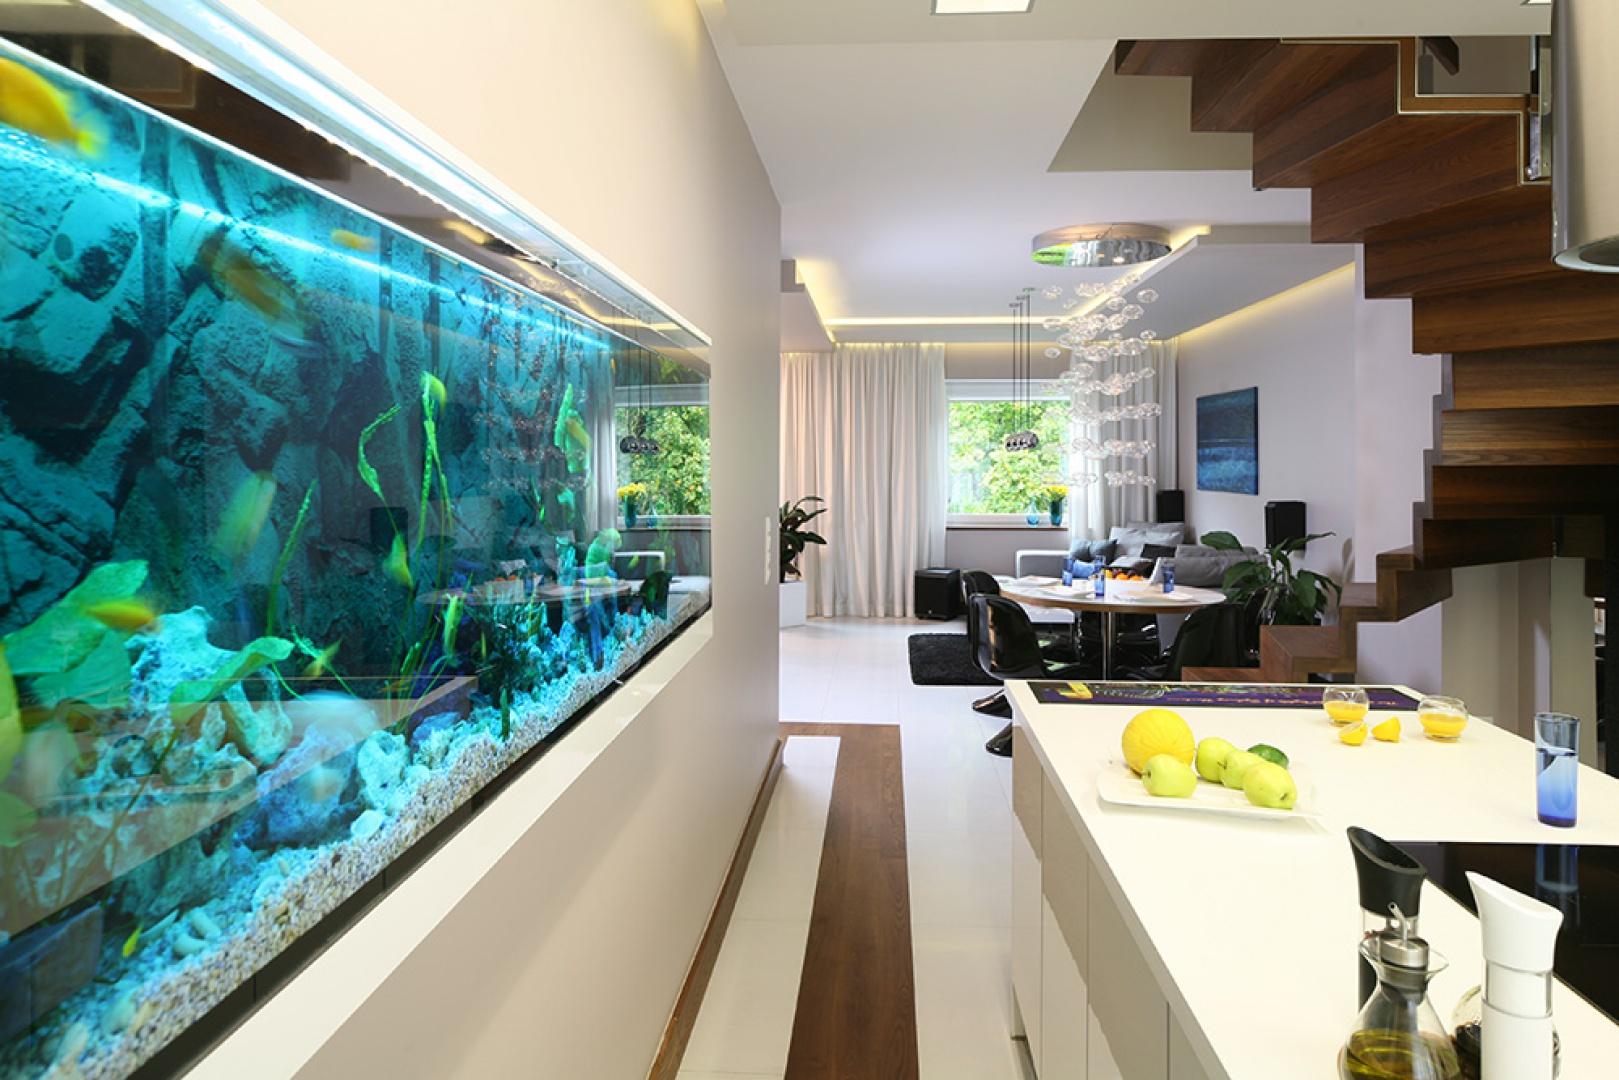 Przyrządzając posiłki można obserwować podwodny świat w 300-litrowym akwarium, znajdującym się w specjalnie przygotowanej wnęce w ścianie. Jest ono imitacją biotopu afrykańskiego jeziora Malawi. Fot. Bartosz Jarosz.